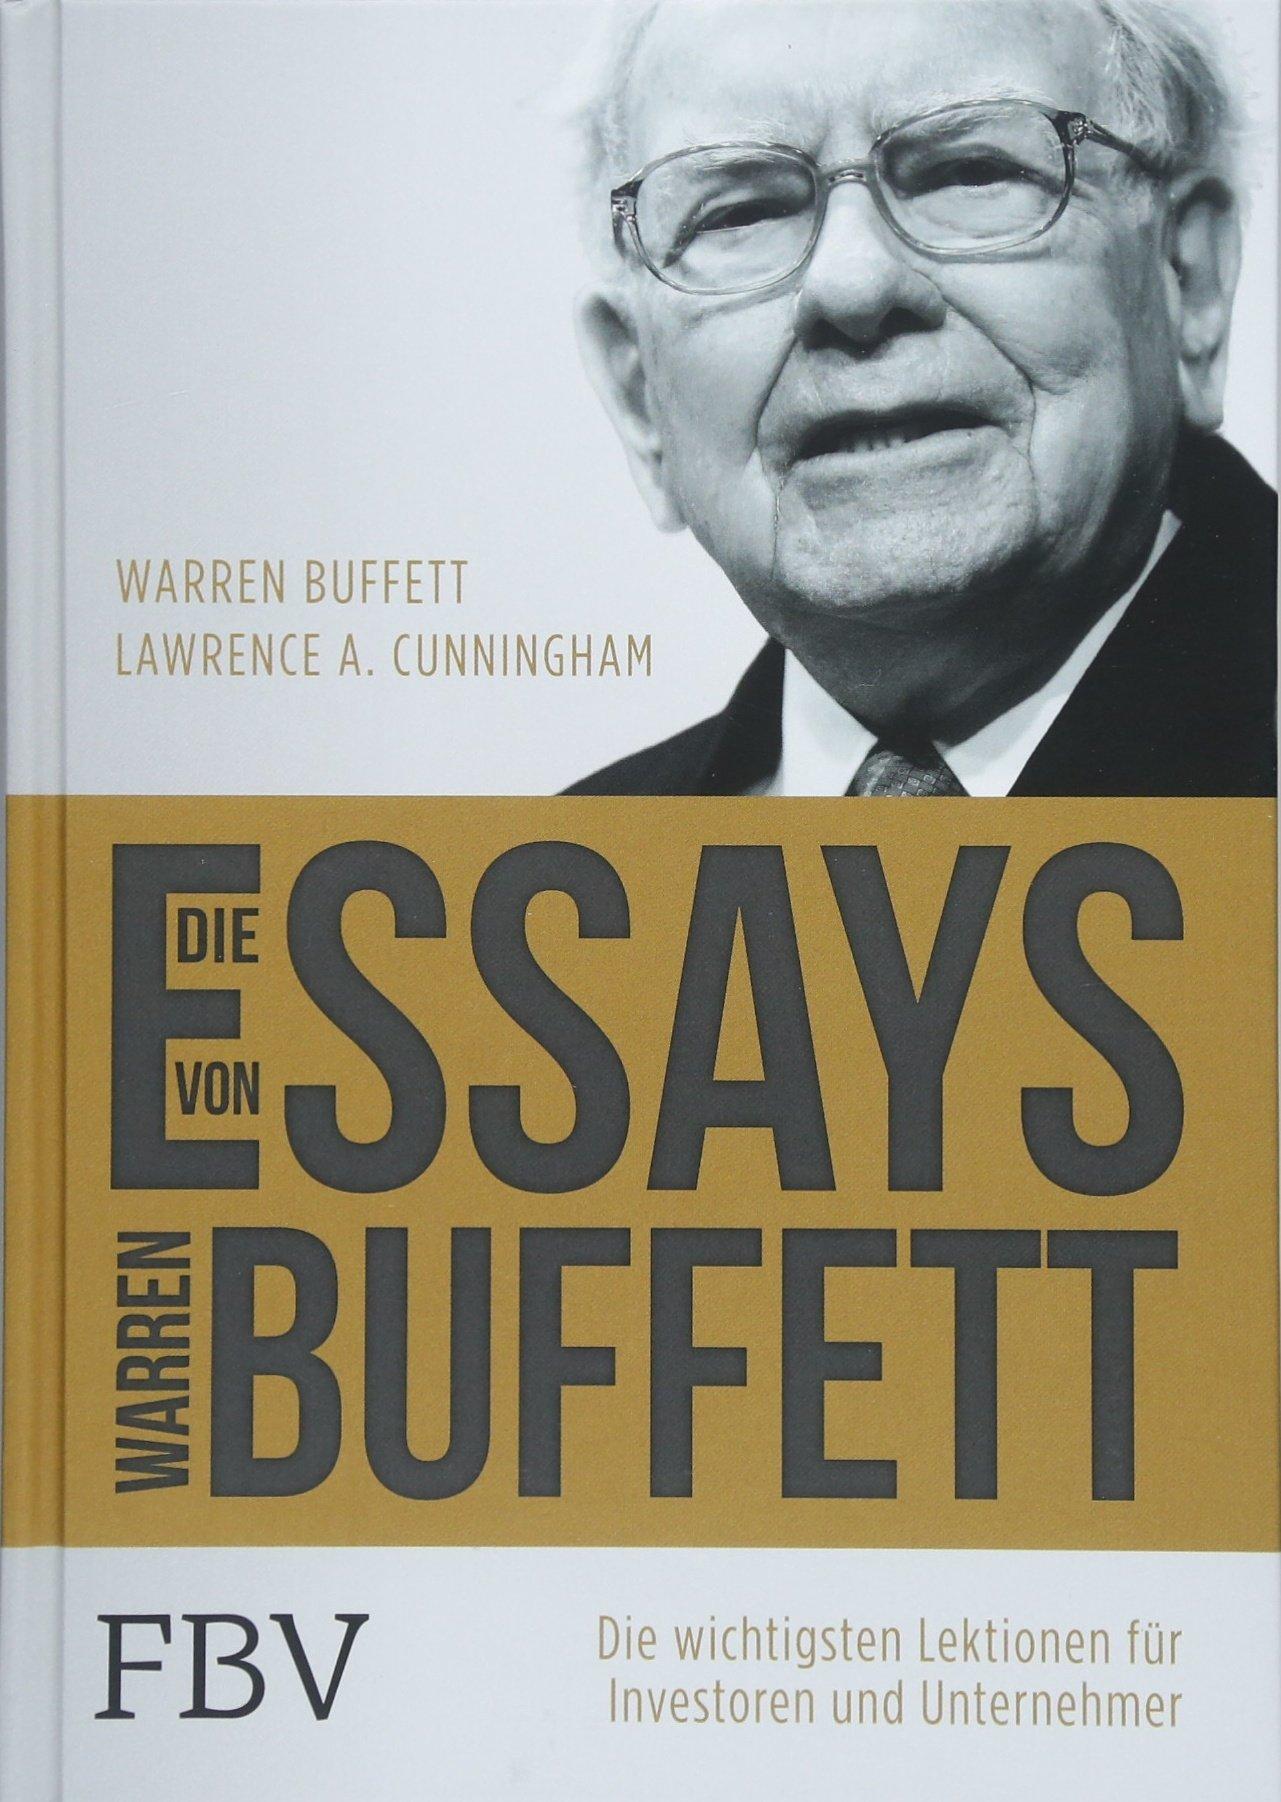 001 Essay Example 81hgobz2bc1l Die Essays Von Warren Archaicawful Buffett Das Buch Für Investoren Pdf Und Unternehmer Full